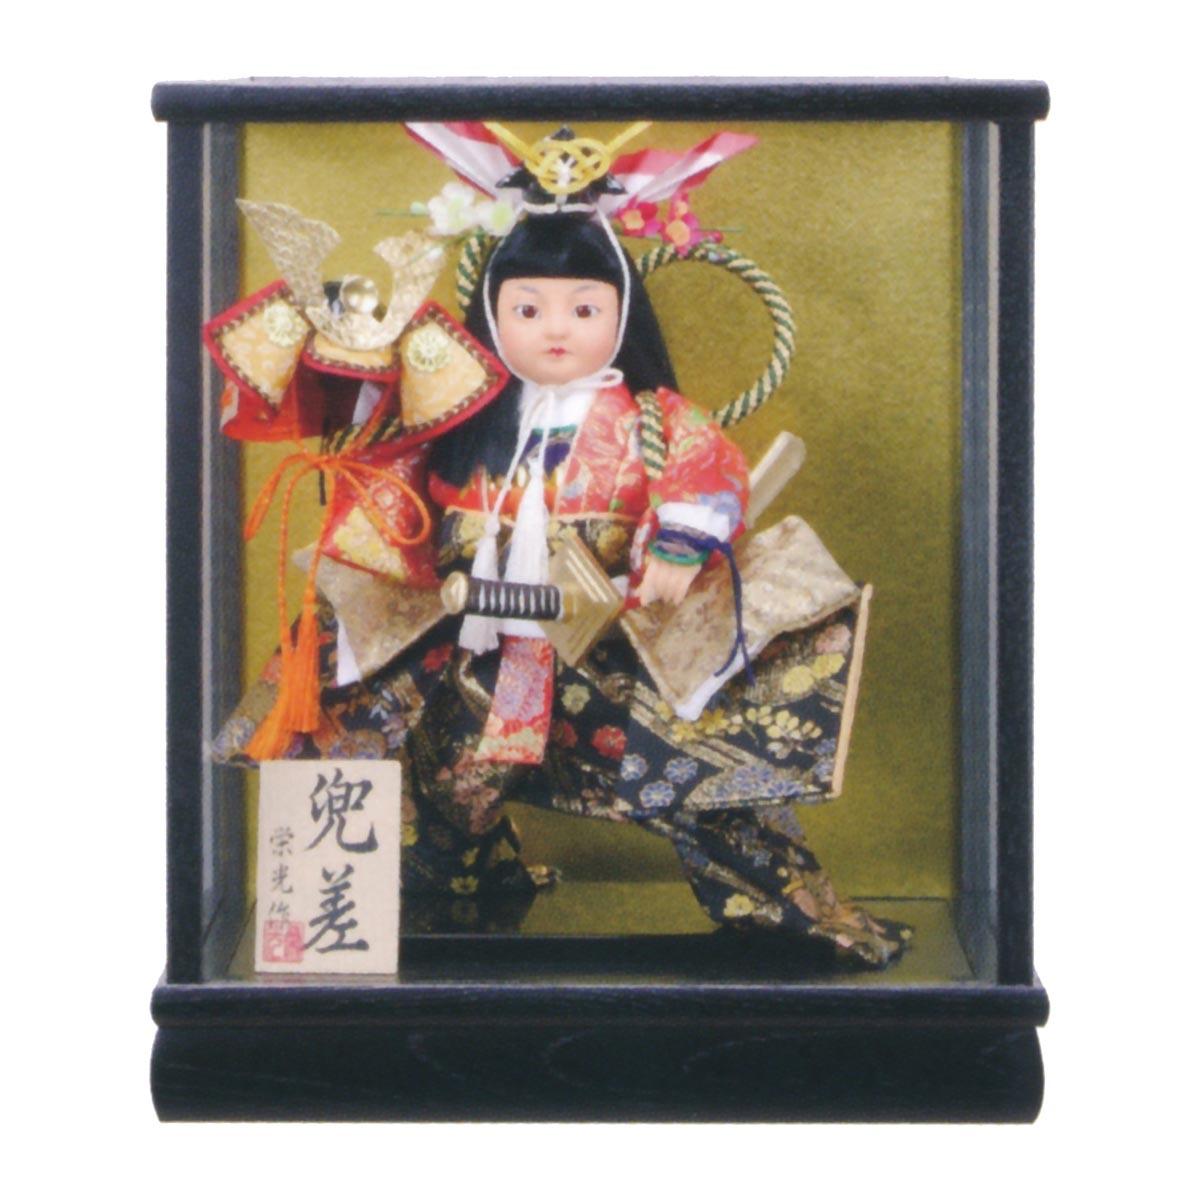 五月人形 ケース飾り 兜差 5号 ≪GOF-5740-62-001≫コンパクト おしゃれ ケース飾り ケース飾り 五月人形